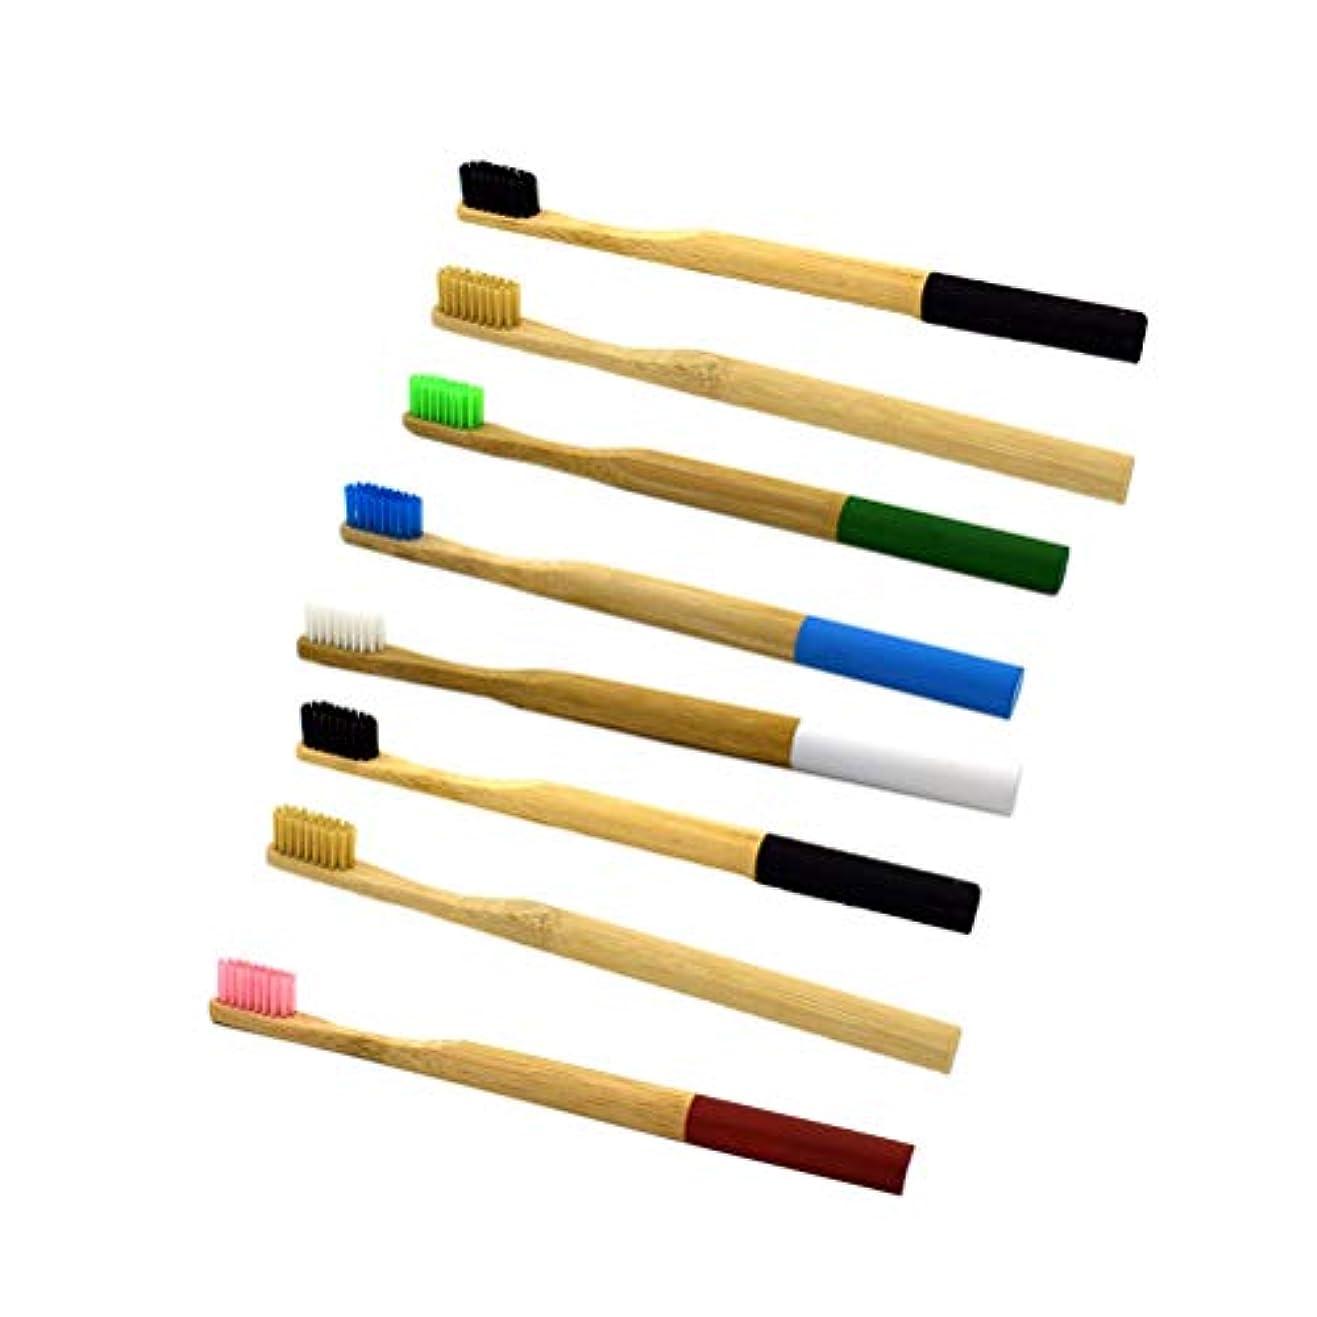 シャツ防衛合理化Healifty 8本 竹炭の歯ブラシ 竹の歯ブラシ 分解性 環境保護の歯ブラシ 天然の柔らかいブラシ 混合色 4本入